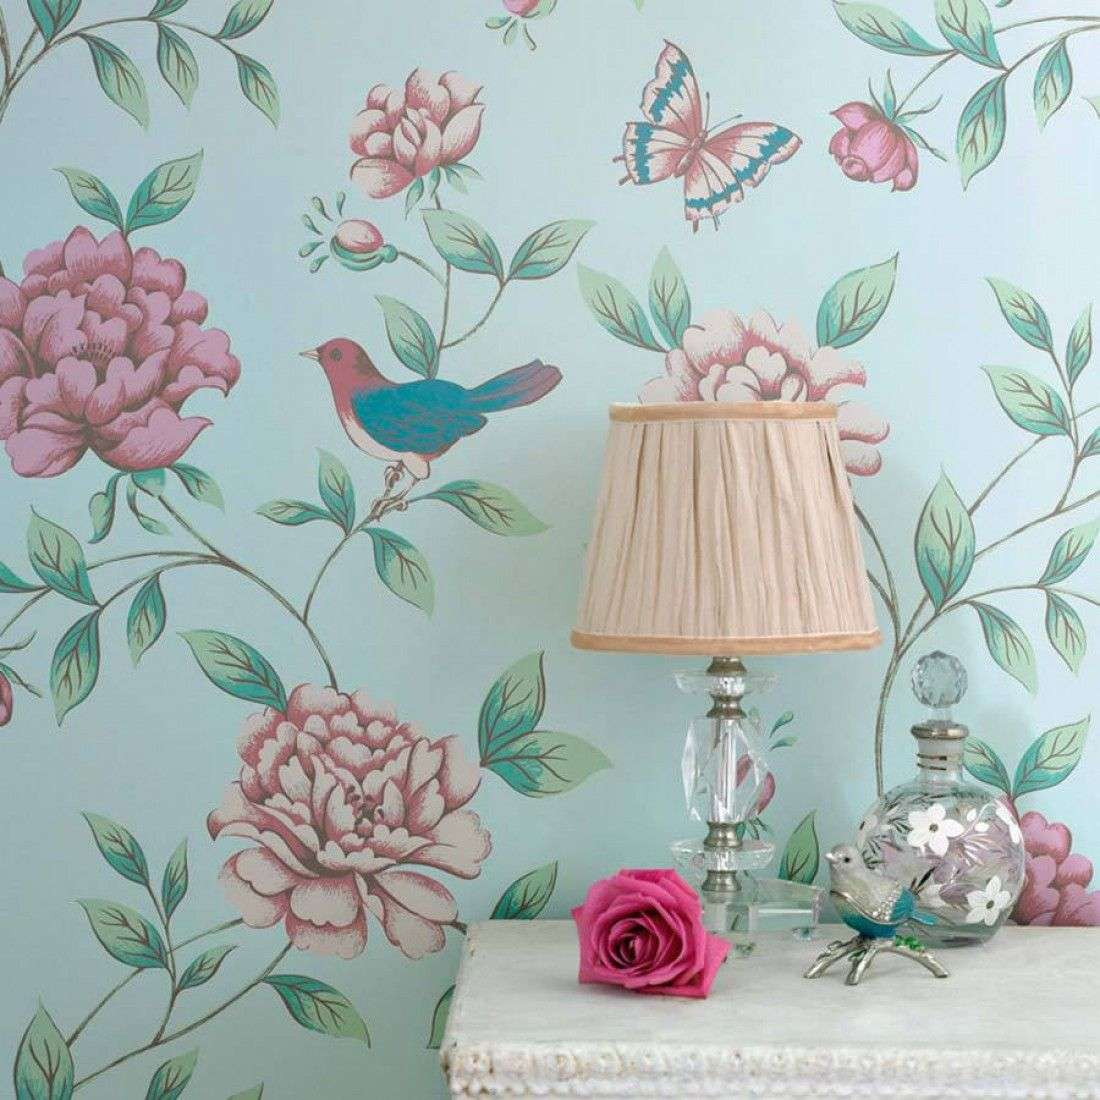 Шпалери в квітку в інтерєрі (50 фото): романтика природи в міській квартирі